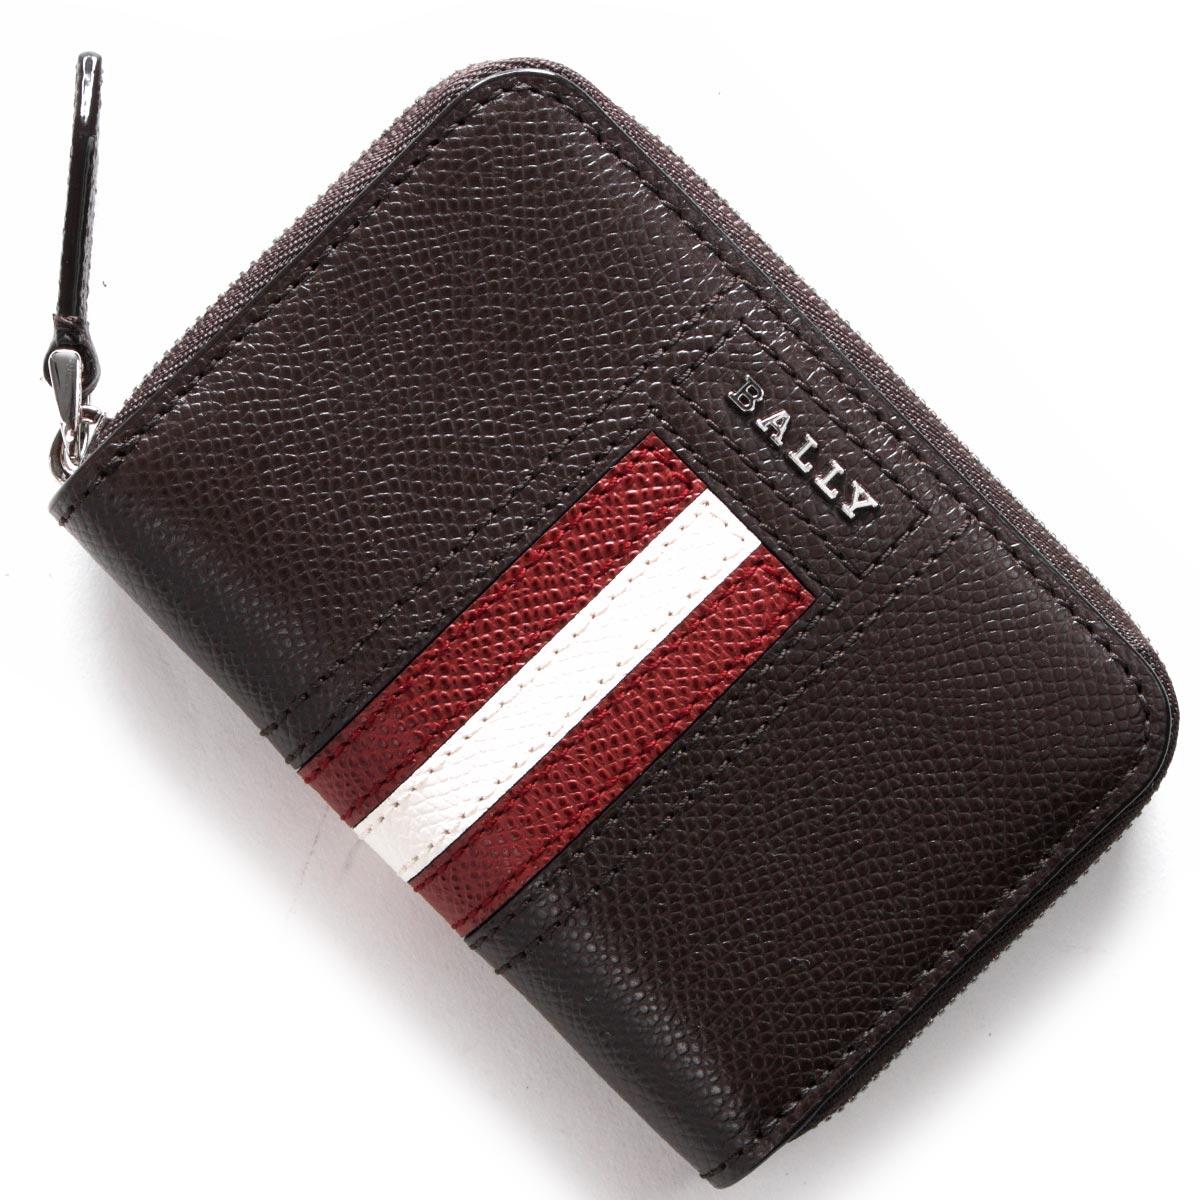 [送料無料]バリー BALLY 財布 コインケース【小銭入れ】 TIVYLT 21 【新品】 バリー コインケース【小銭入れ】 財布 メンズ ティヴィー TIVY コーヒーブラウン TIVYLT 21 6221825 BALLY